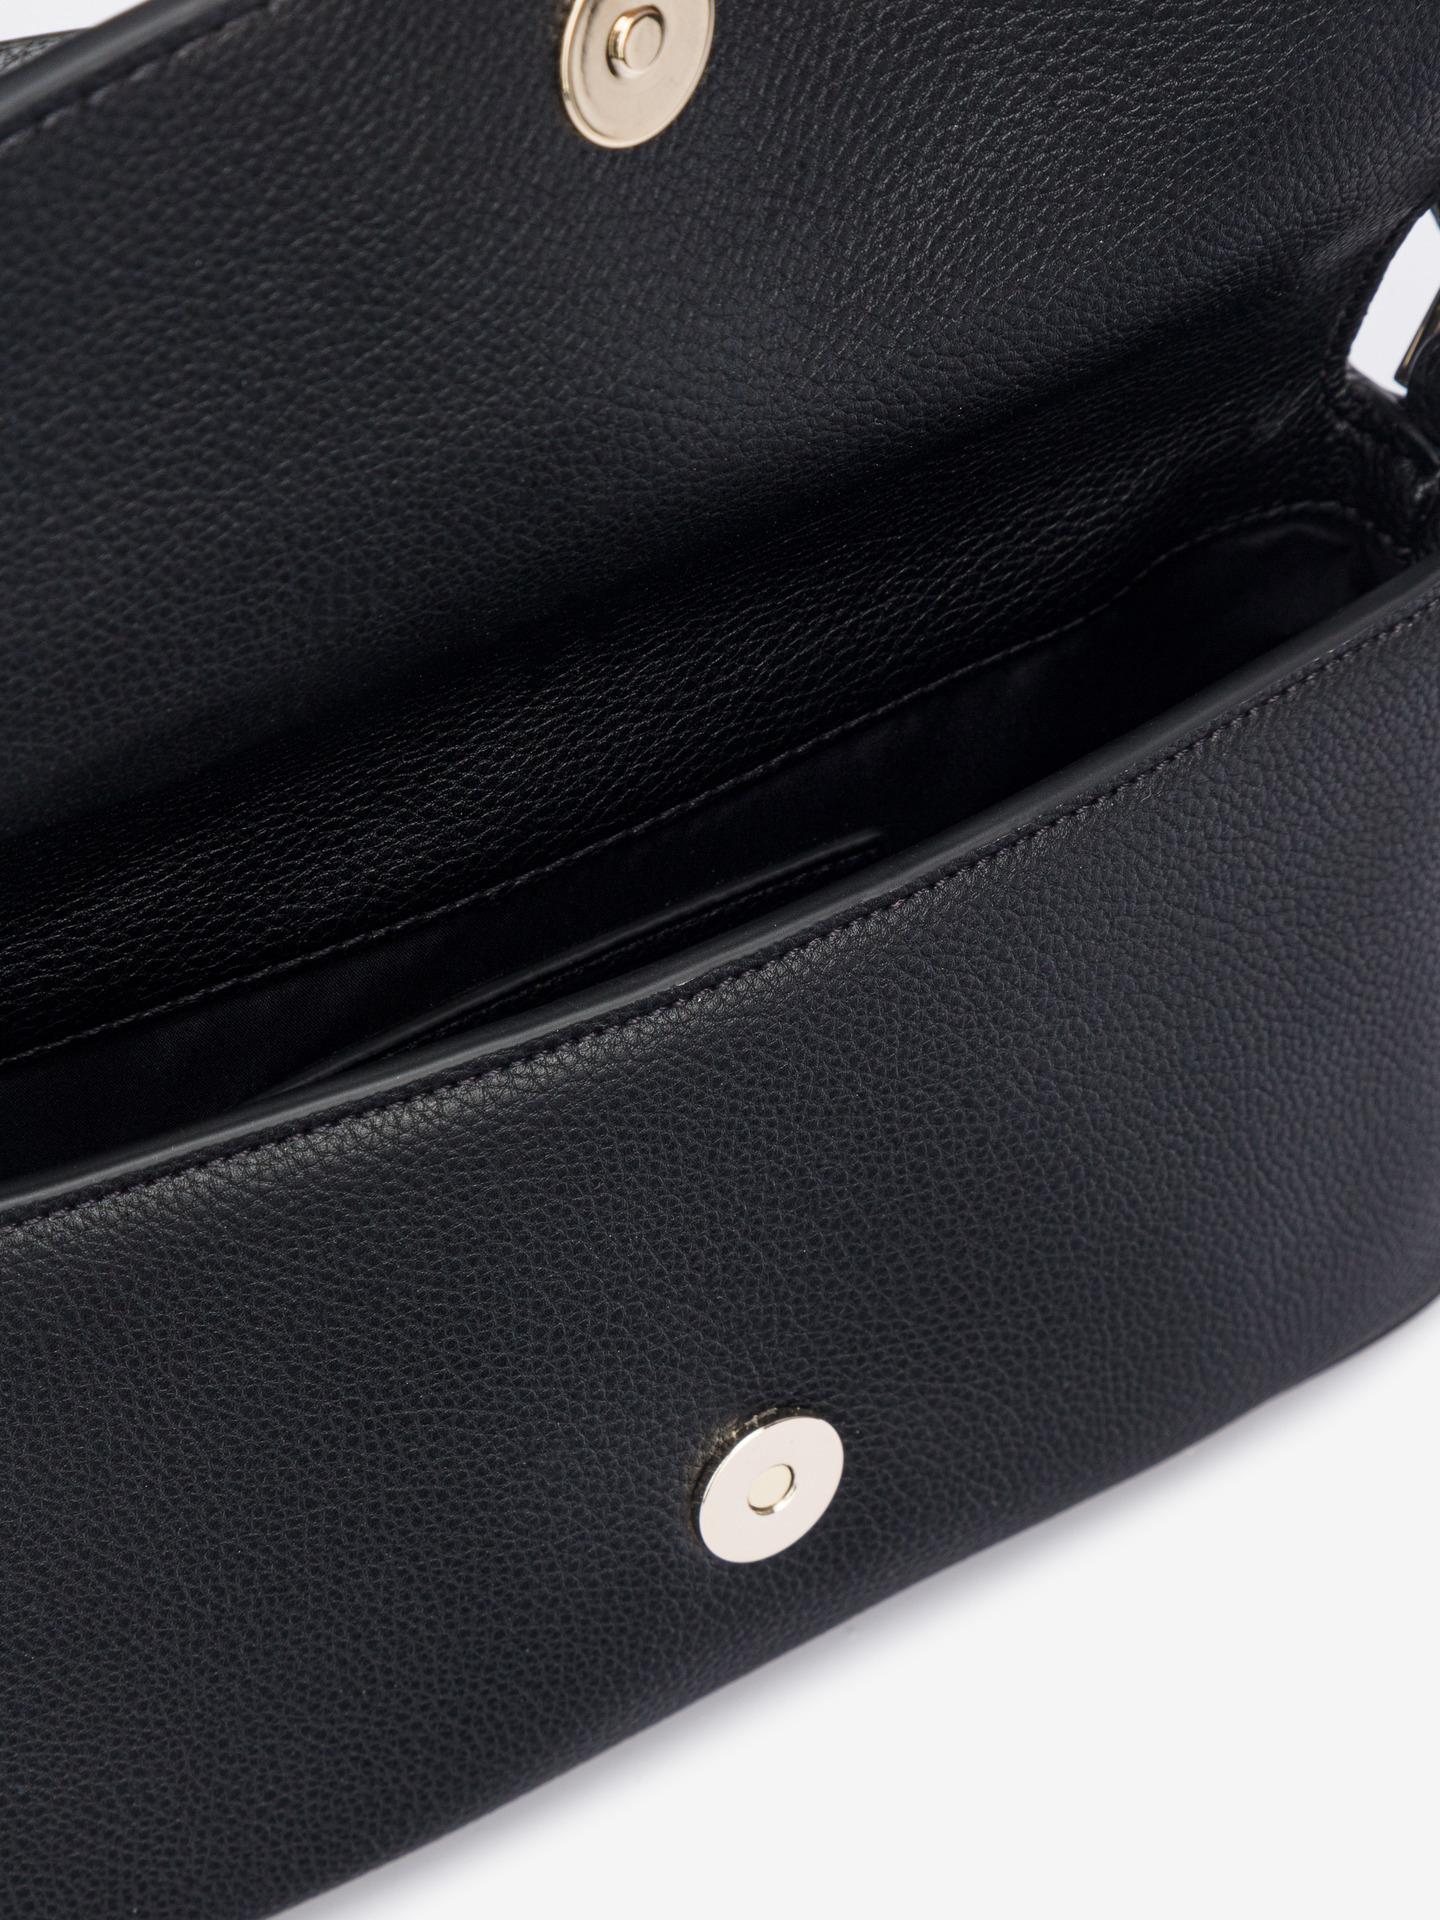 Calvin Klein czarny crossbody torebka Ew Flap